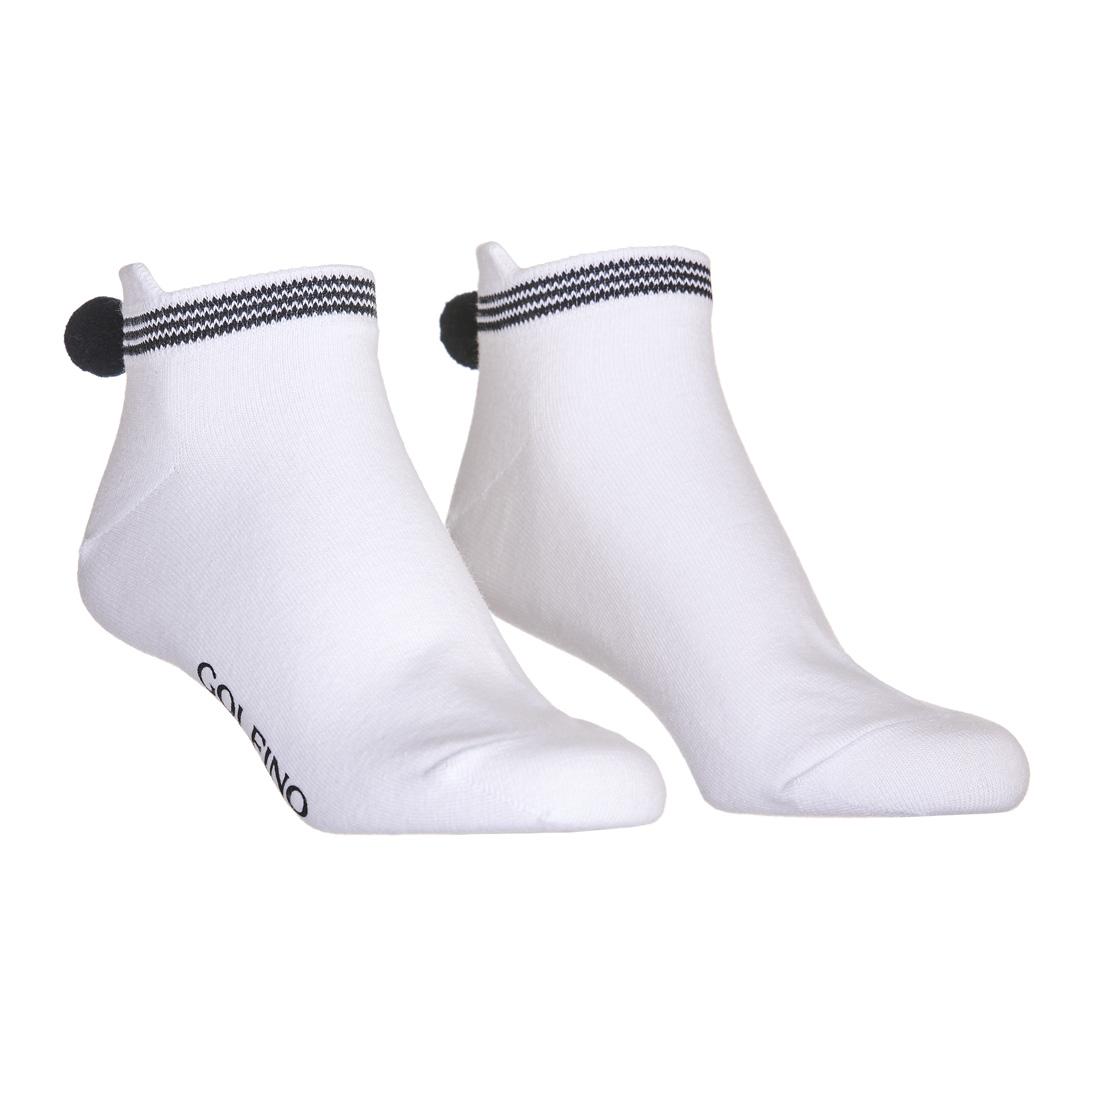 Damen Funktions-Golfsocken mit Pompom und modischem Streifen